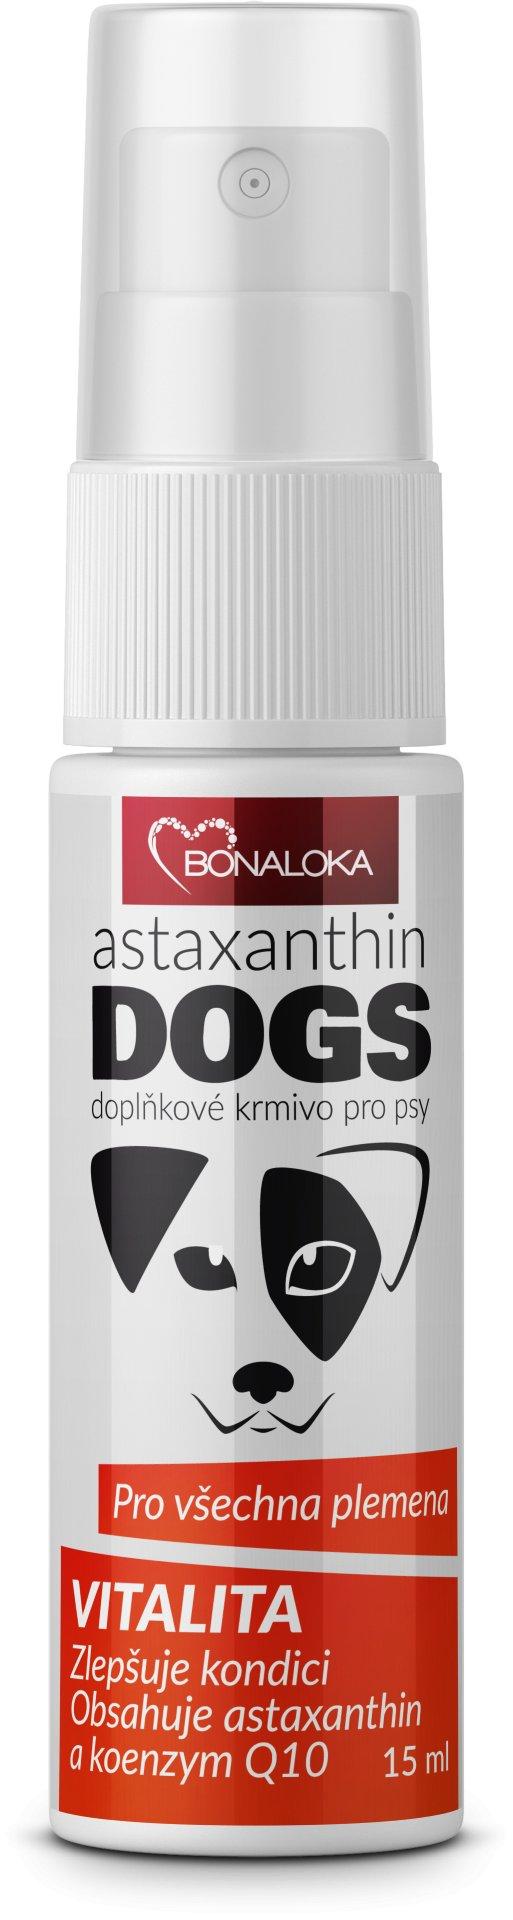 Bonaloka Astaxanthin Dogs Vitalita